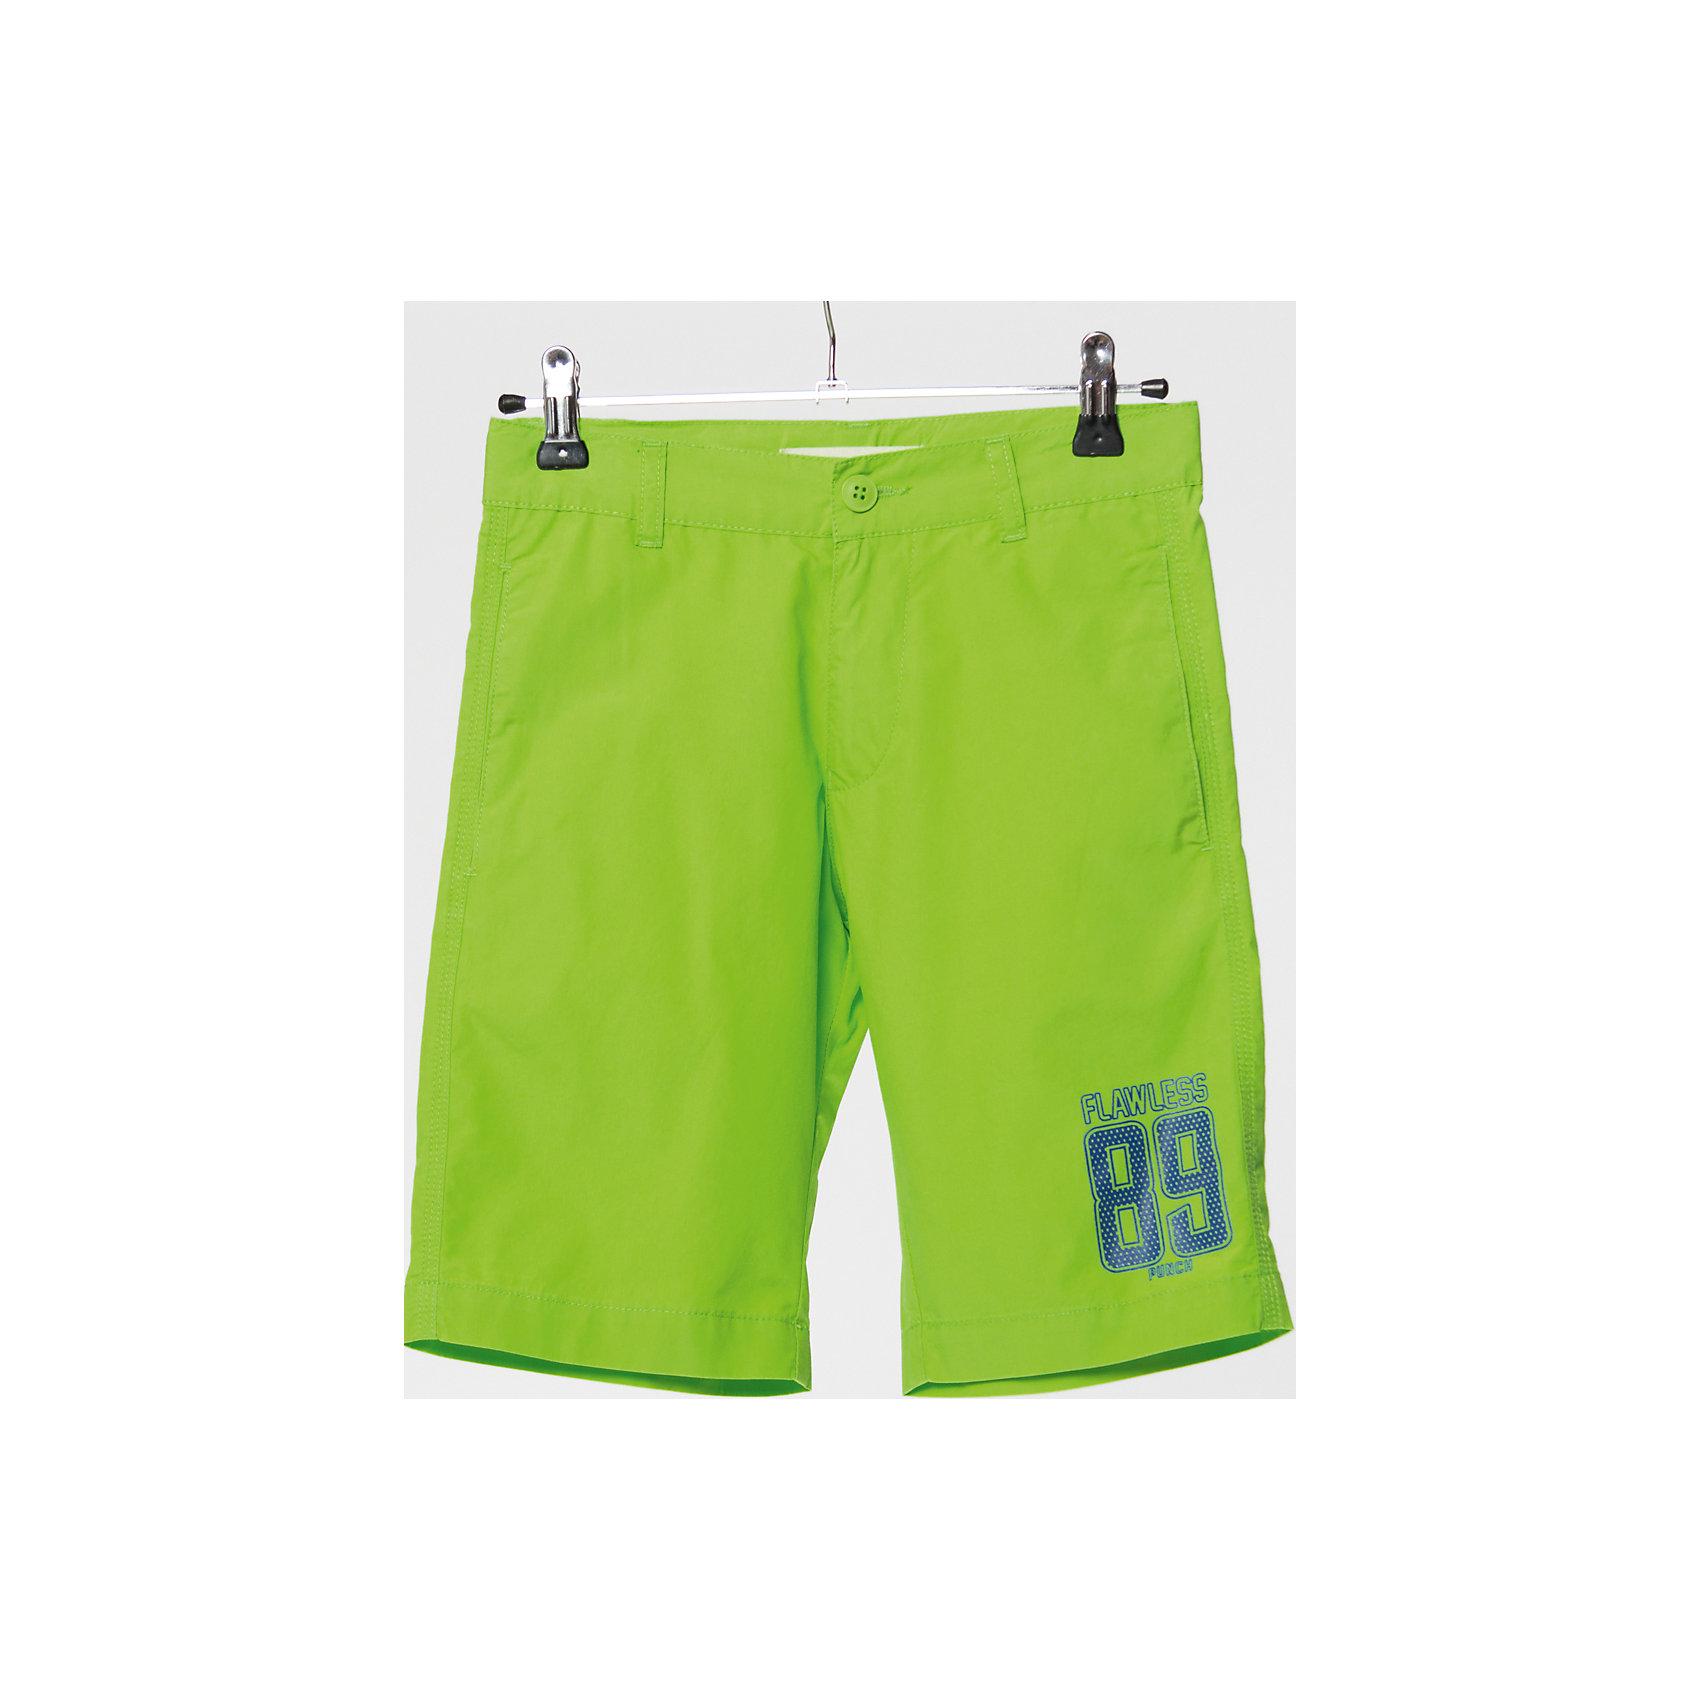 Шорты для мальчика SELAЯркие шорты для мальчика от популярной марки SELA. Изделие выполнено из плотного натурального материала высокого качества, износостойкого, дышащего и приятного к телу, и обладает следующими особенностями:<br>- насыщенный салатовый цвет, эффектный принт;<br>- пояс со шлевками для ремня;<br>- удобная застежка;<br>- функциональные карманы;<br>- комфортный крой, не сковывающий движений.<br>Великолепный выбор для веселых прогулок и активного отдыха!<br><br>Дополнительная информация:<br>- состав: 100% хлопок<br><br>Шорты для мальчика SELA можно купить в нашем магазине<br><br>Ширина мм: 191<br>Глубина мм: 10<br>Высота мм: 175<br>Вес г: 273<br>Цвет: красный<br>Возраст от месяцев: 96<br>Возраст до месяцев: 108<br>Пол: Мужской<br>Возраст: Детский<br>Размер: 140,146,134,152,116,122,128<br>SKU: 4741863